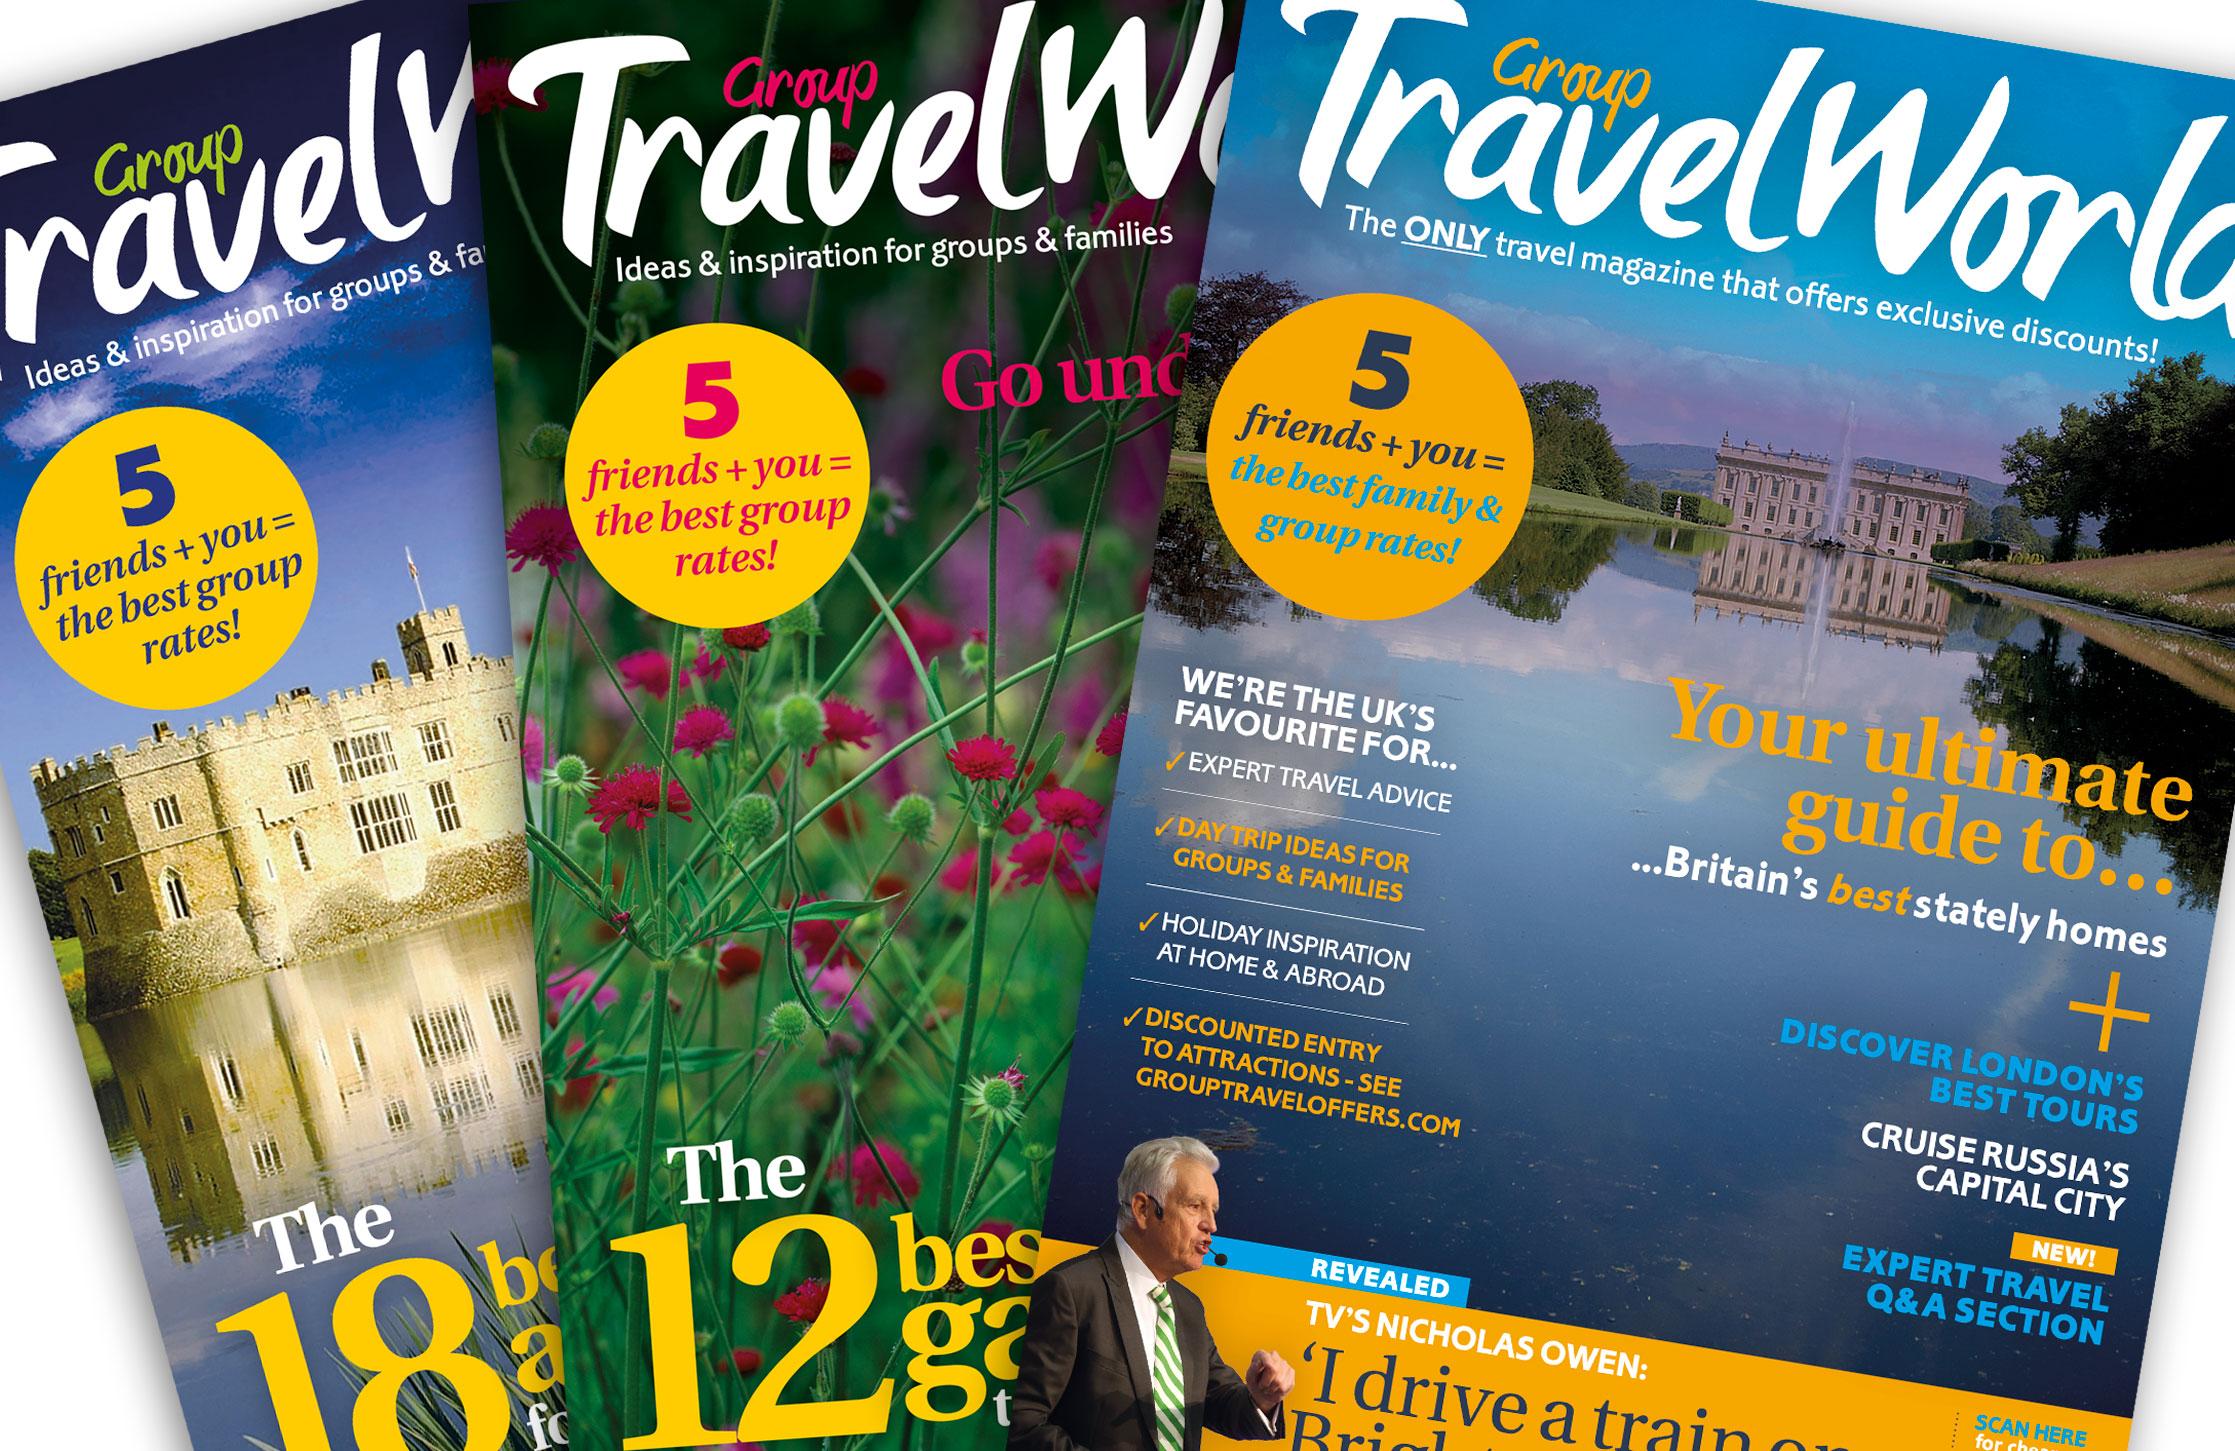 Group Travel World Magazine